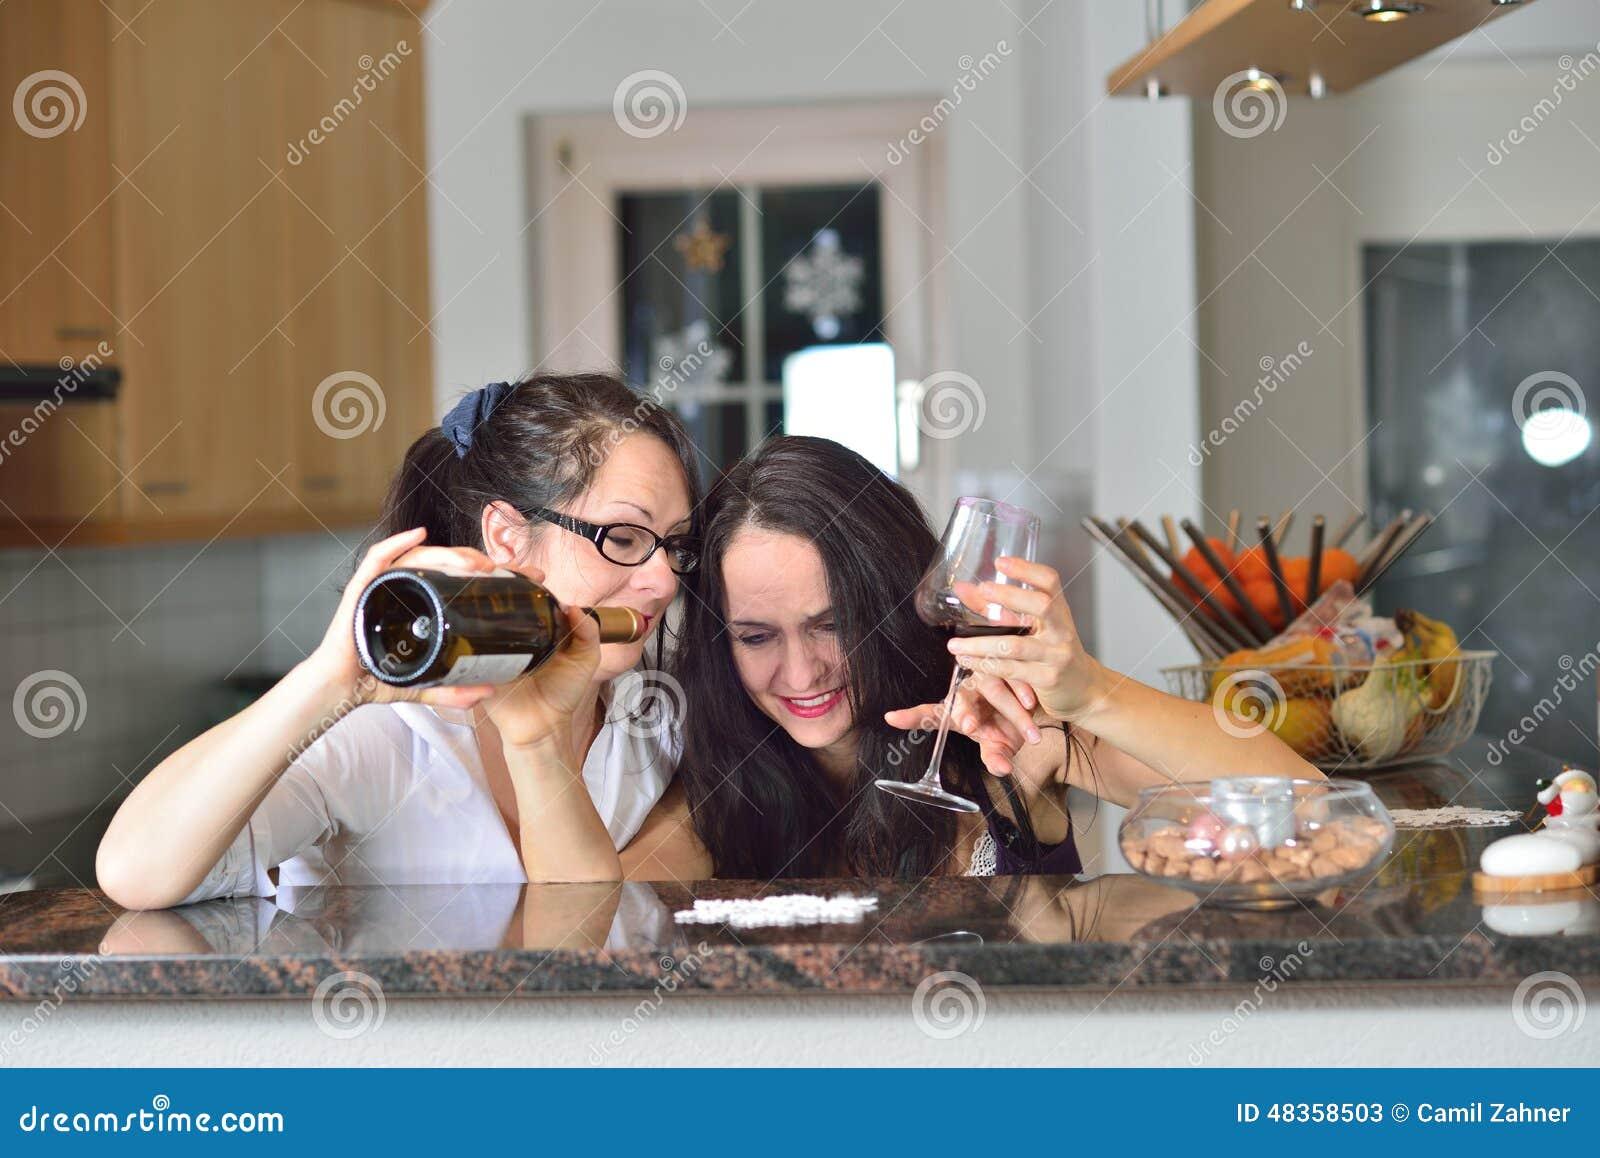 8b27c1705e Dos mujeres borrachas imagen de archivo. Imagen de cumpleaños - 48358503